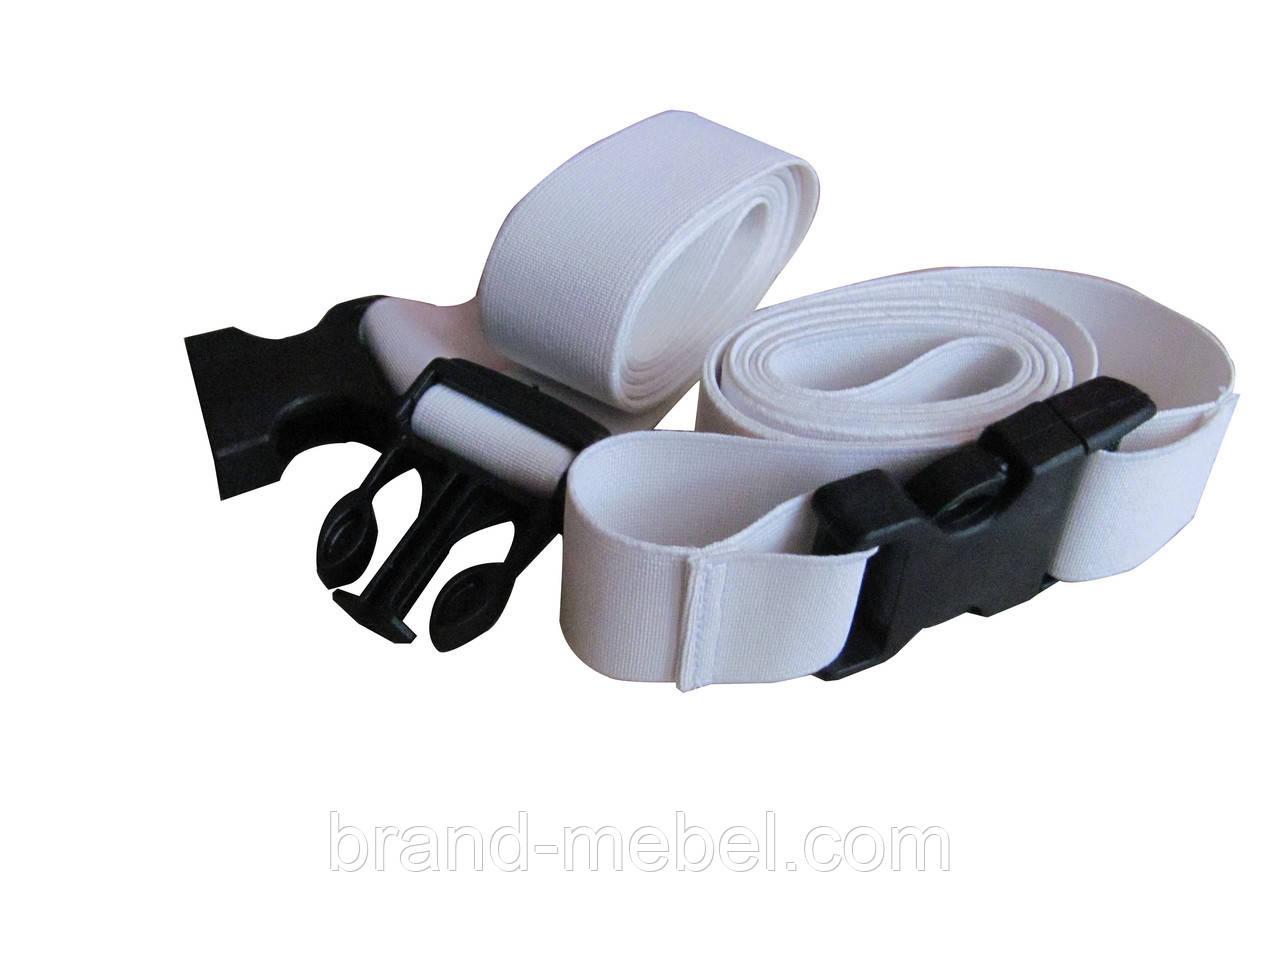 Ремені для кріплення двоспального матрацу 140/160/180см/Ремни для крепления двосльного матраца 140/160/180см